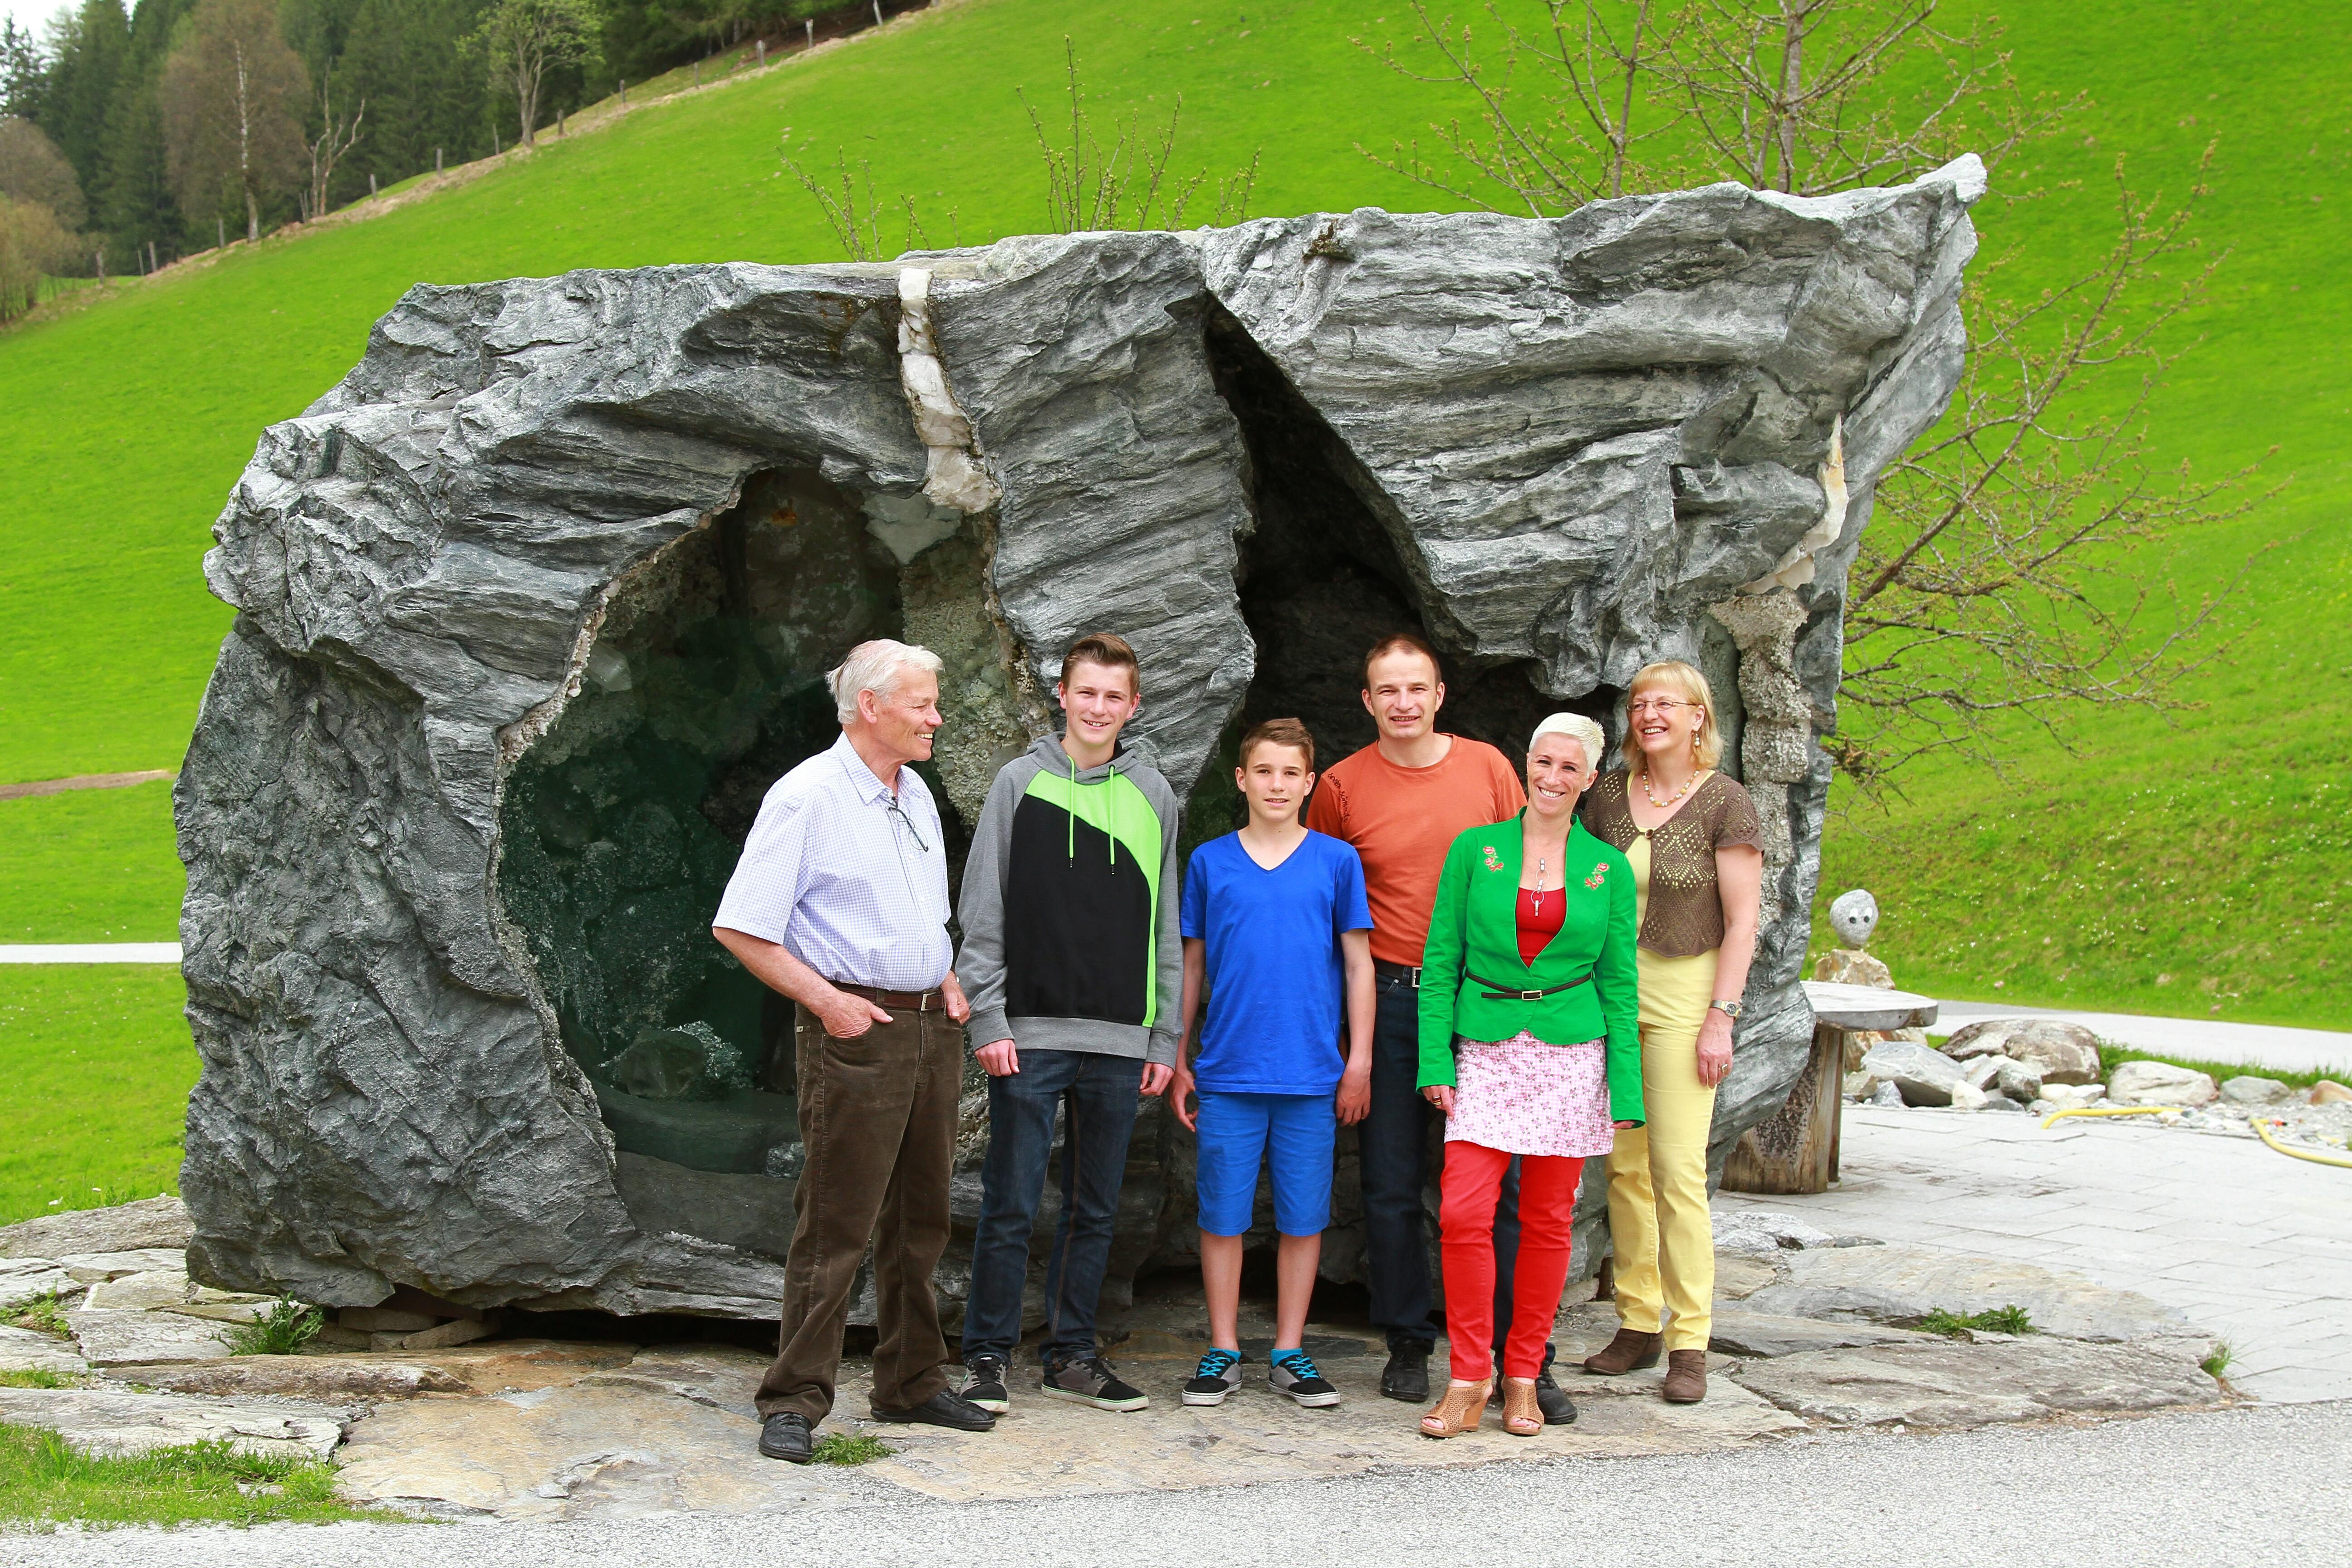 Familie Steiner bei der Kristallkluft vorm Haus